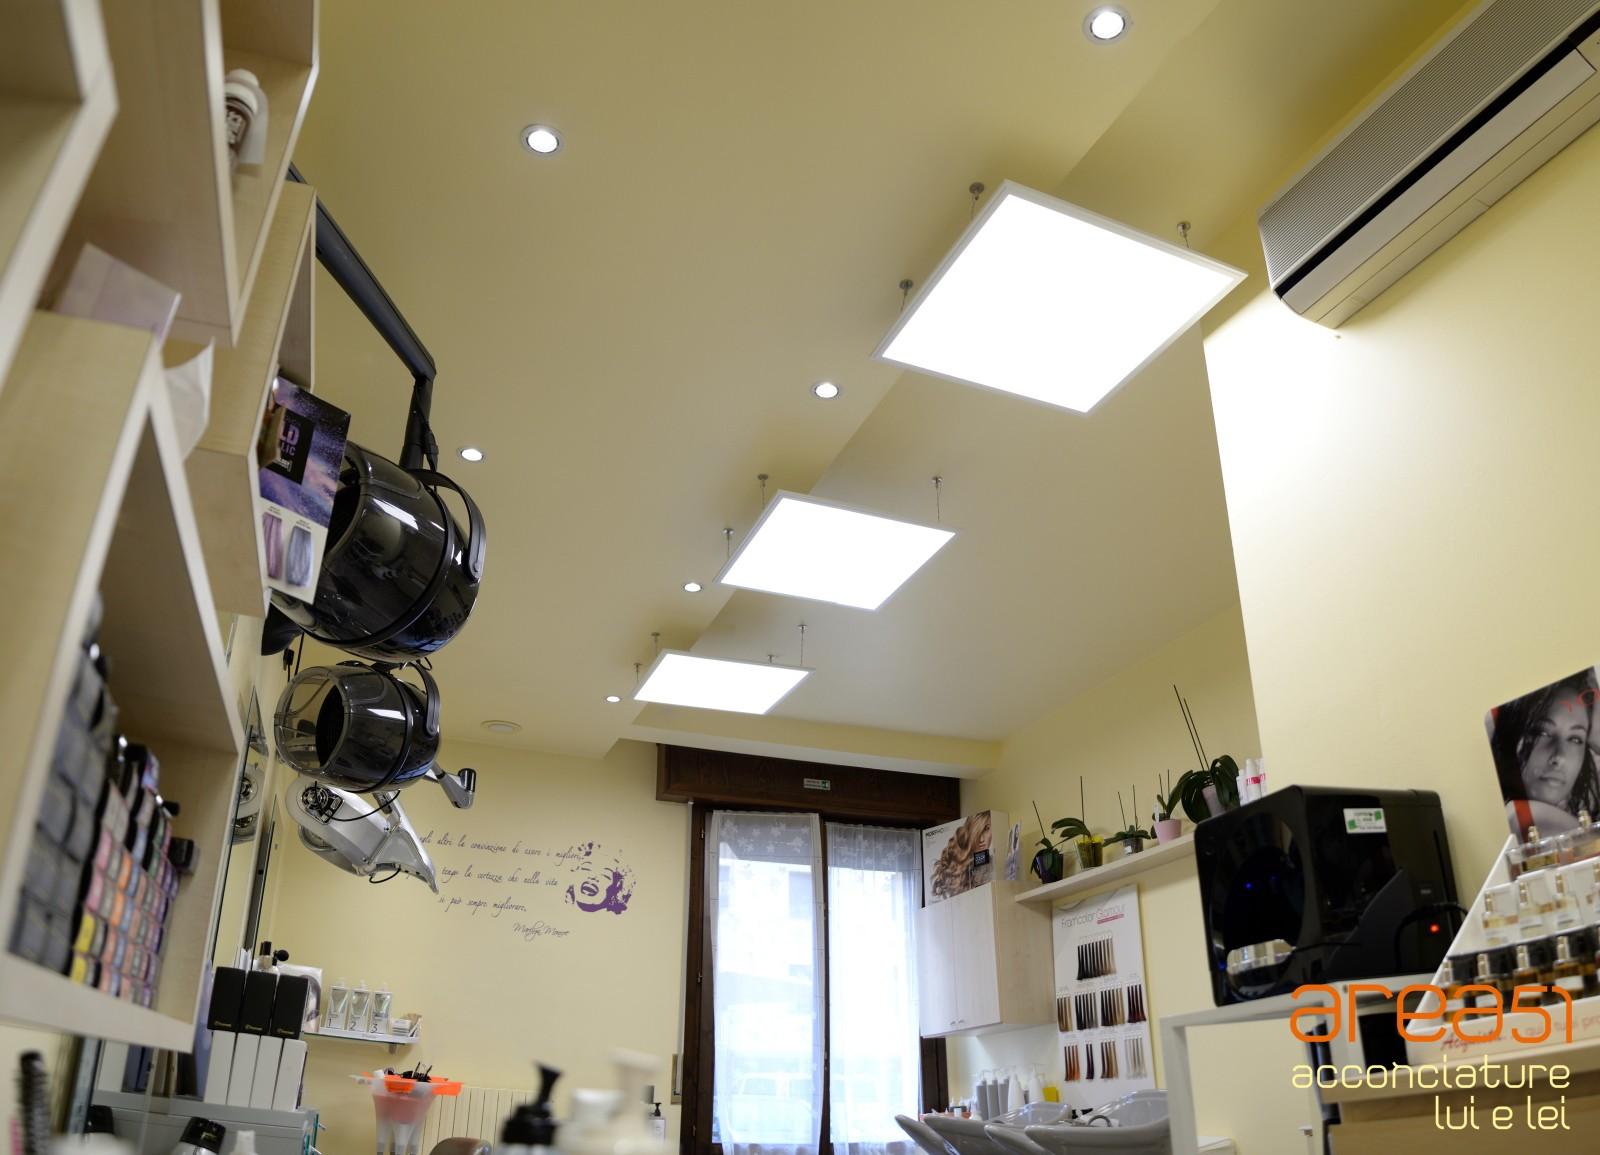 Pannelli illuminati a LED Area 51 Acconciature